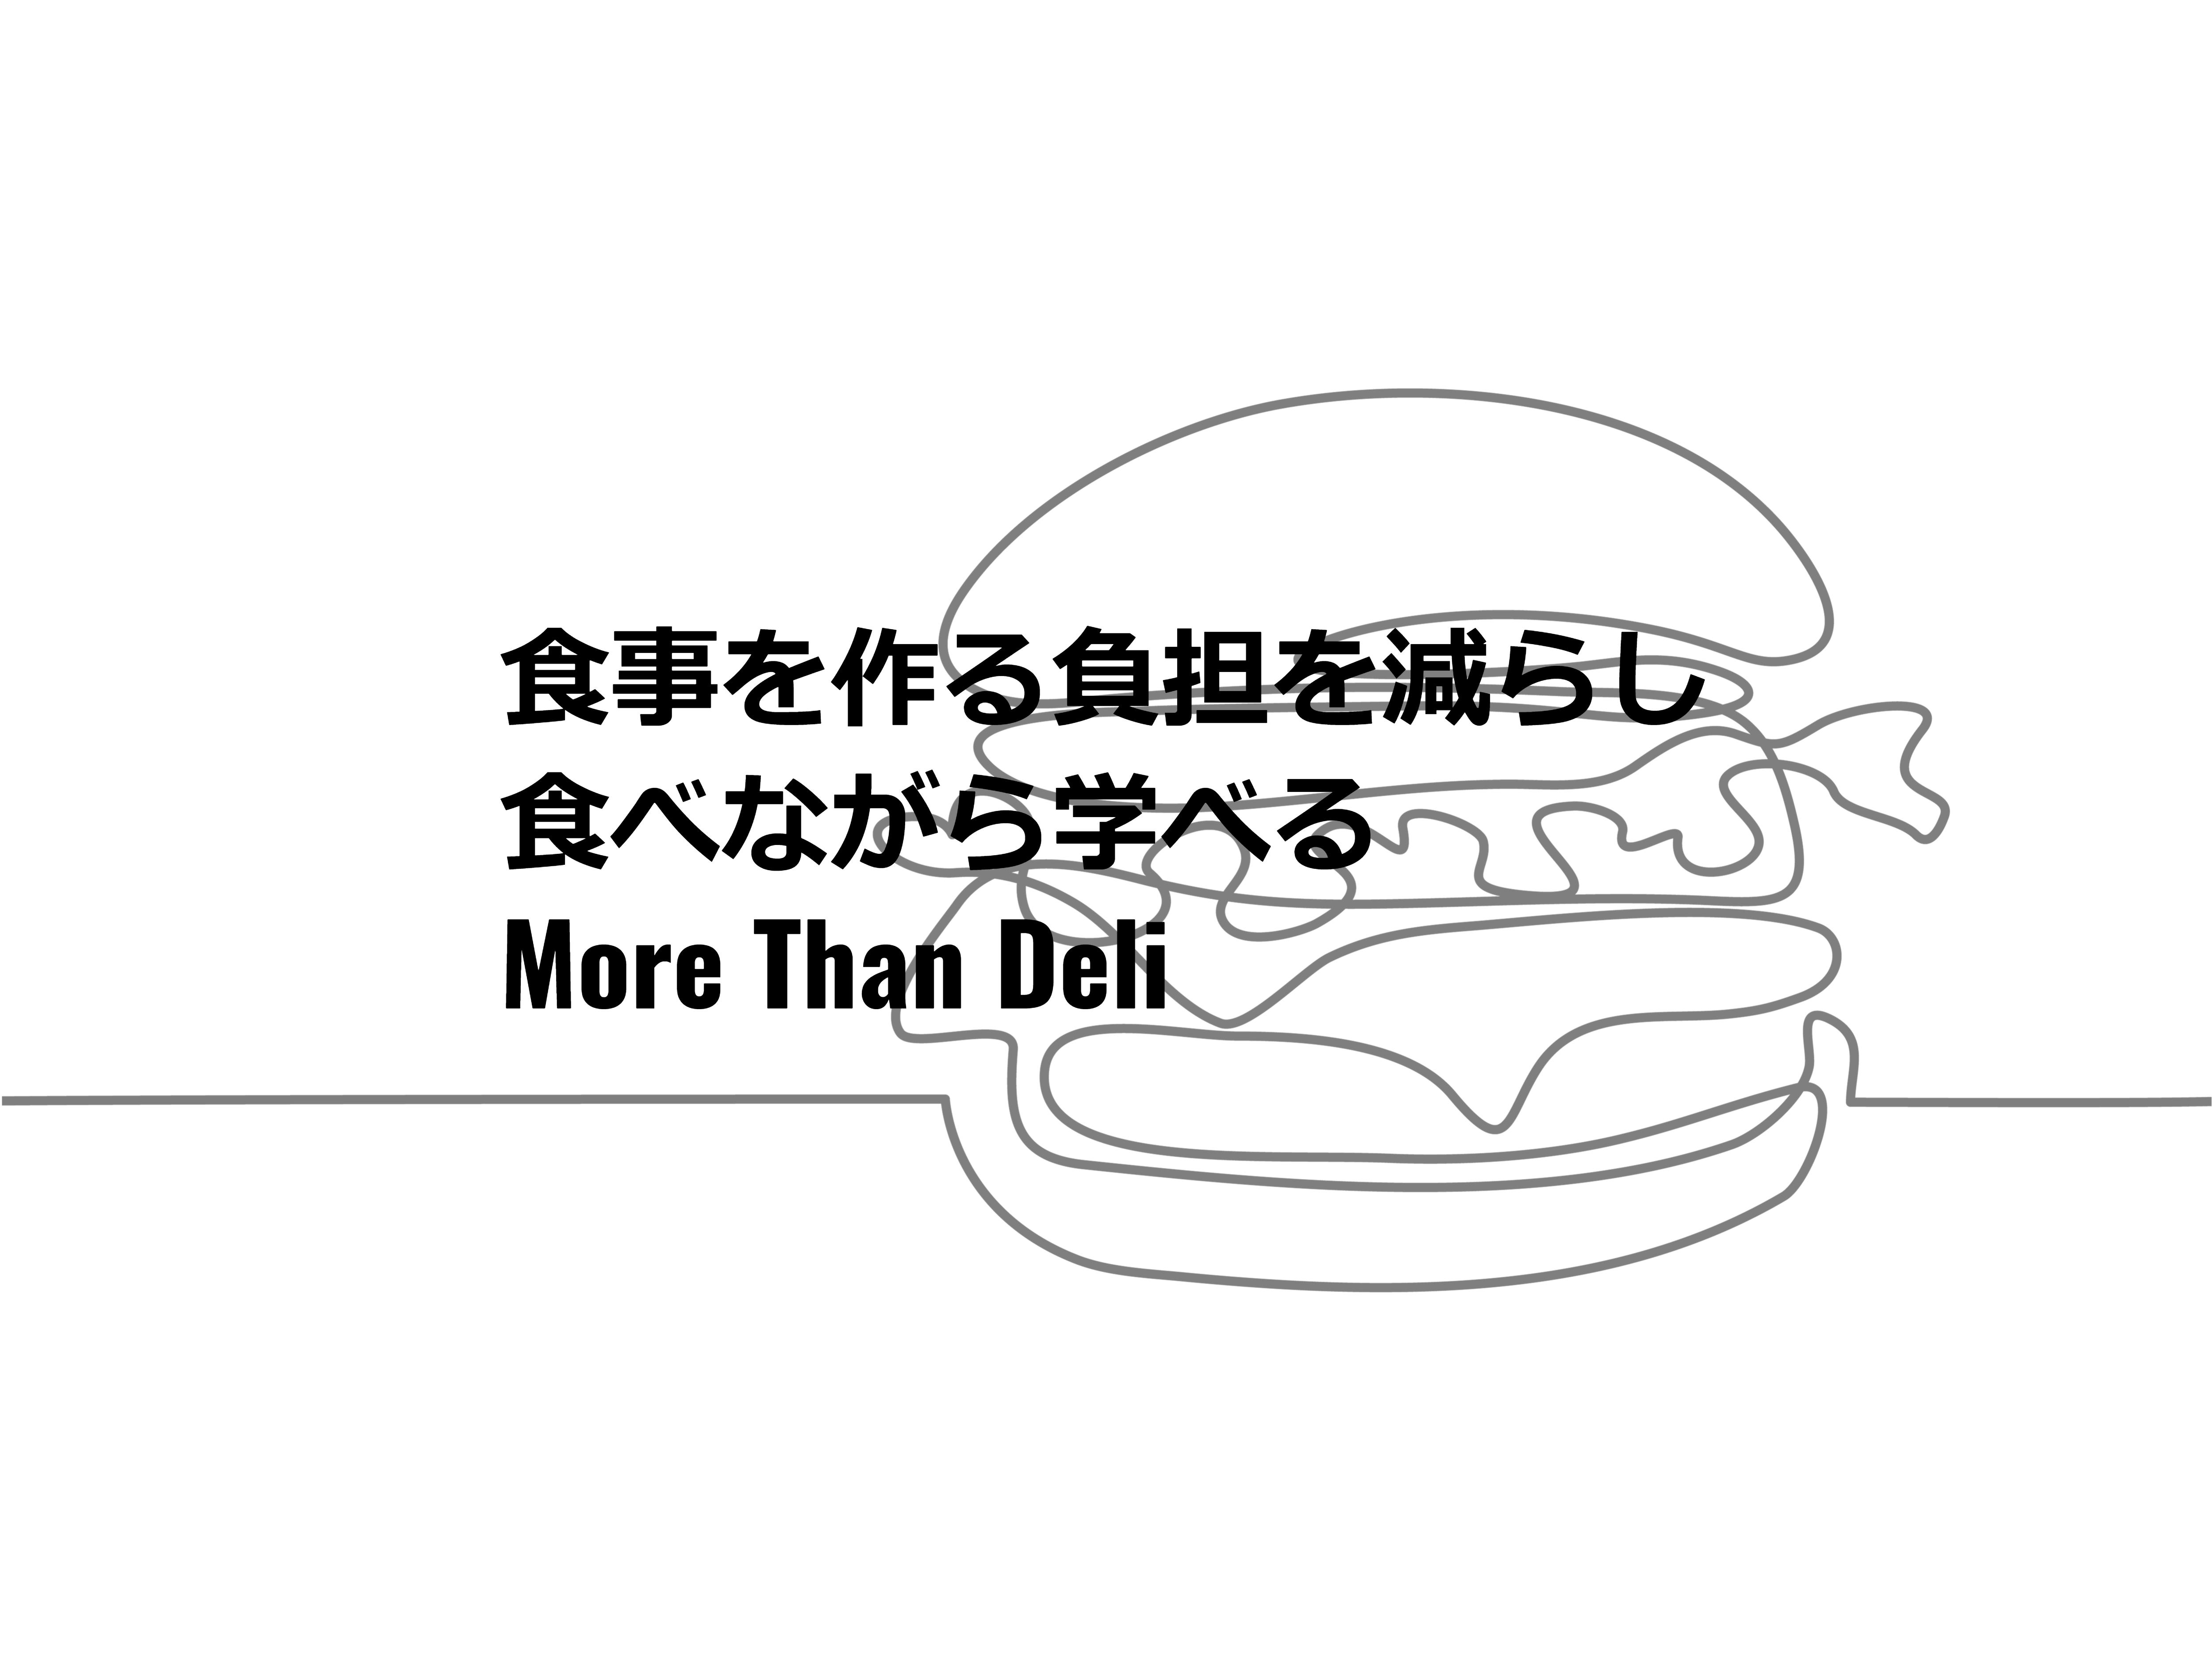 食事ー学ぶーMore Than Del